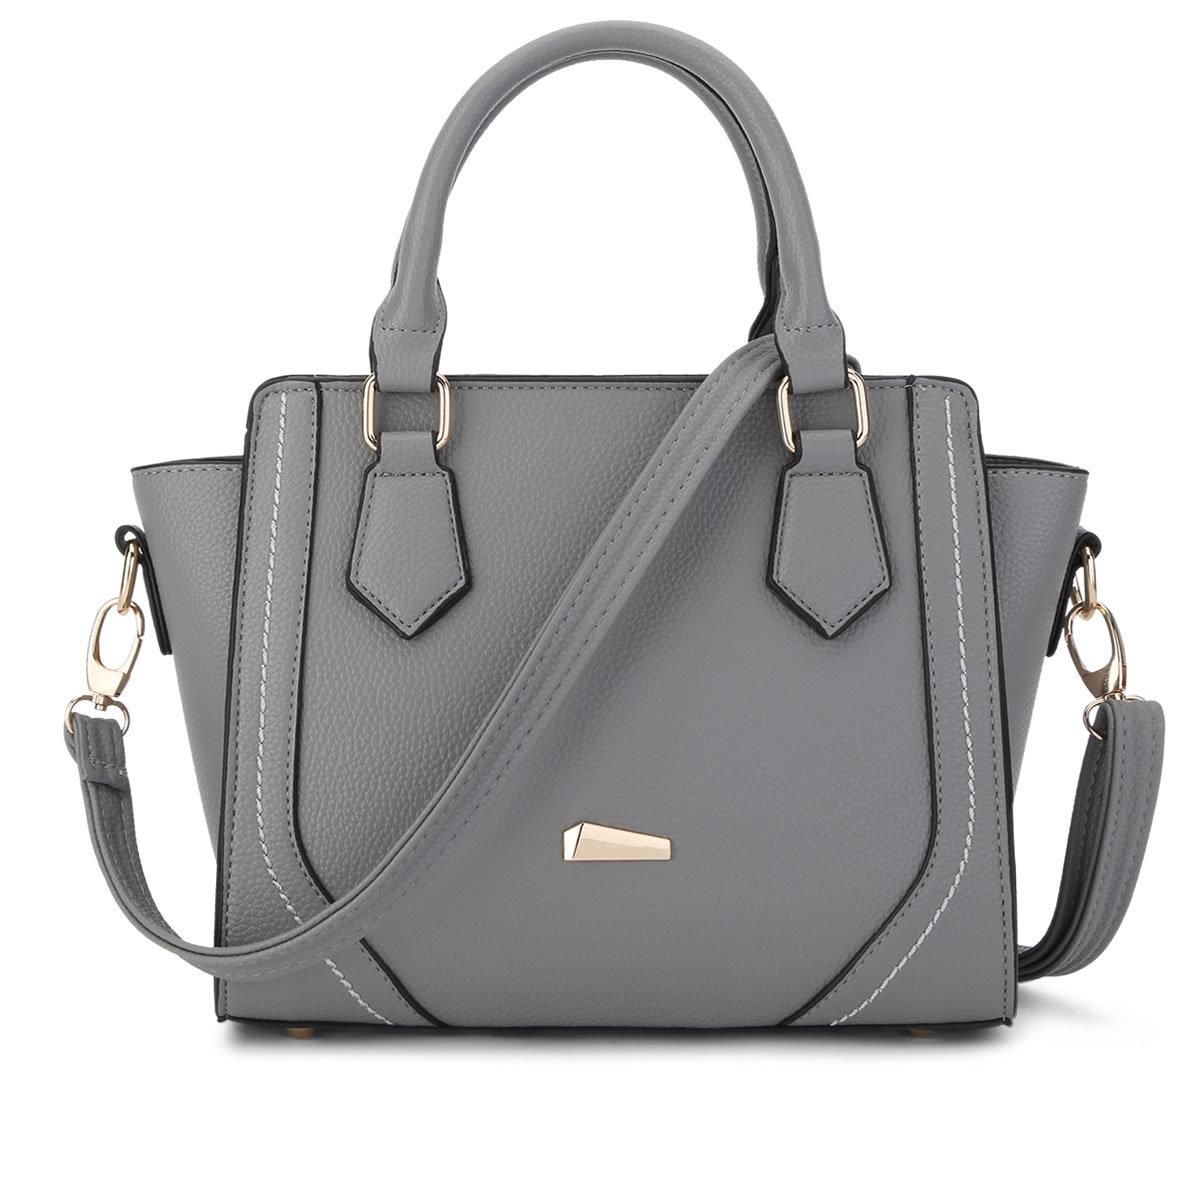 พร้อมส่ง ขายส่งกระเป๋าถือผู้หญิง คุณนายวัยทำงาน ผู้ใหญ่ เรียบหรู แฟชั่นยุโรป Sunny-878 สีเทาเข้ม